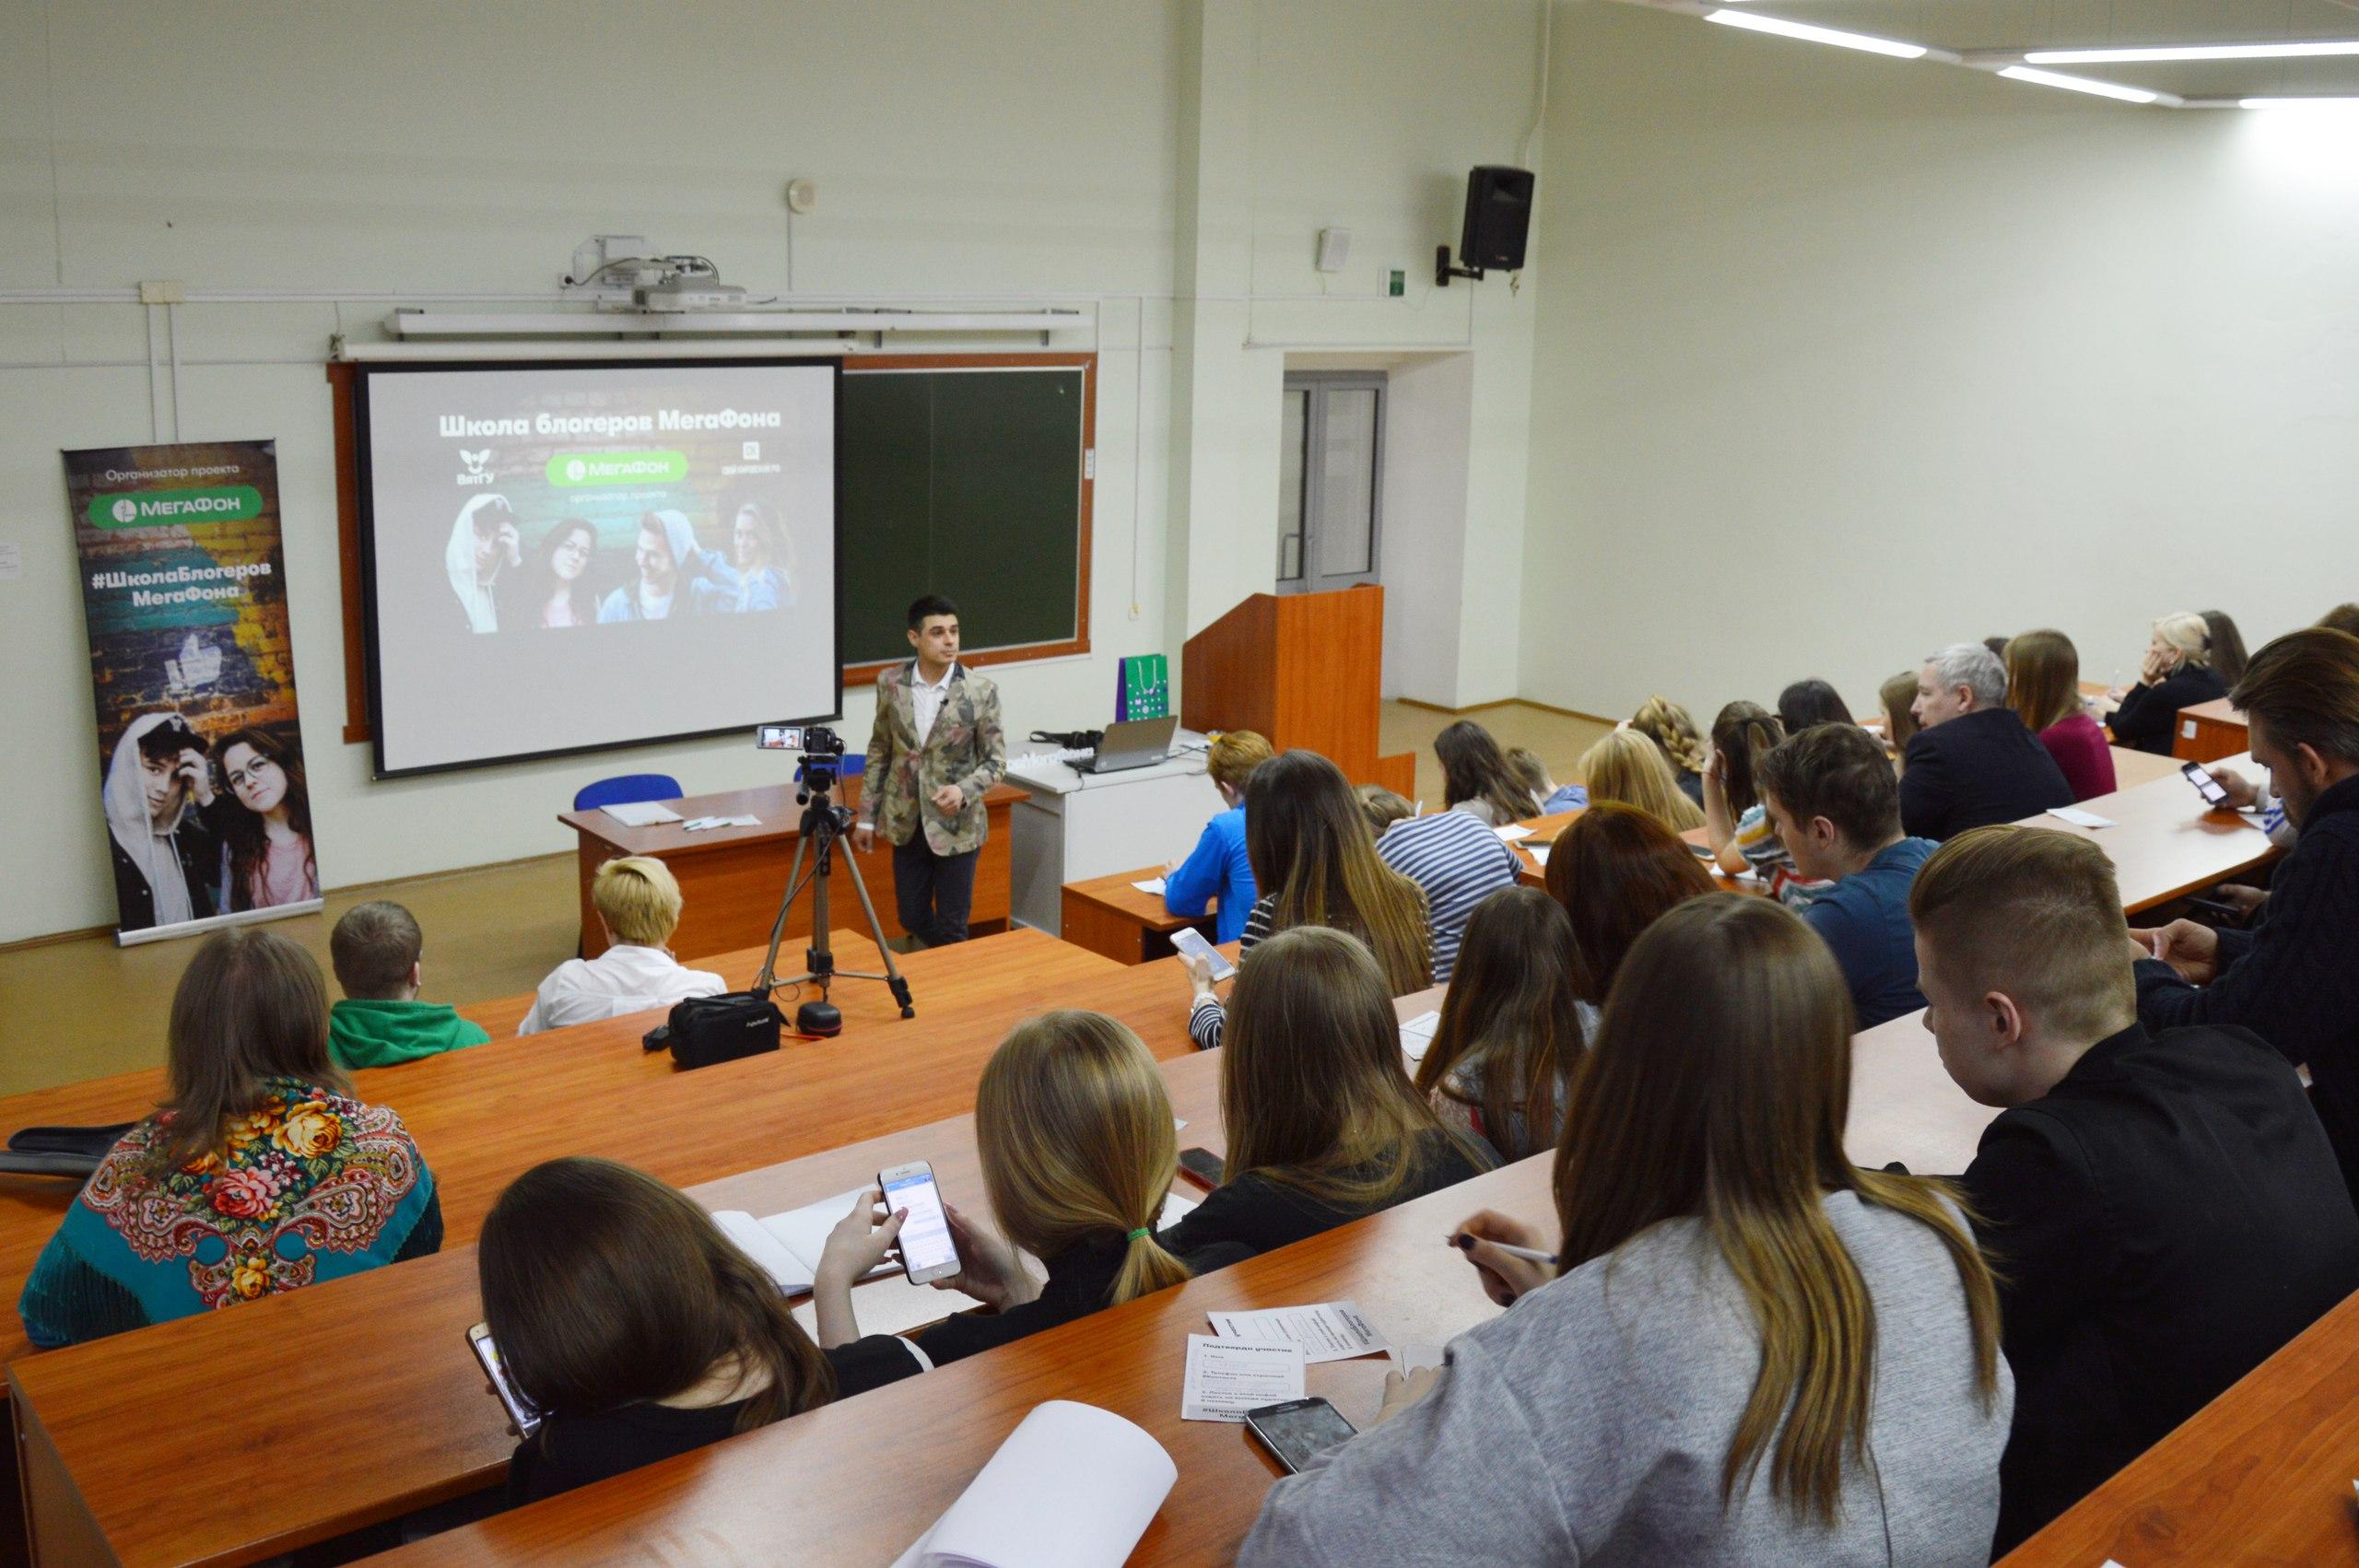 Селфачок, лайфхак, видос: кировские студенты изучают язык видеоблогинга